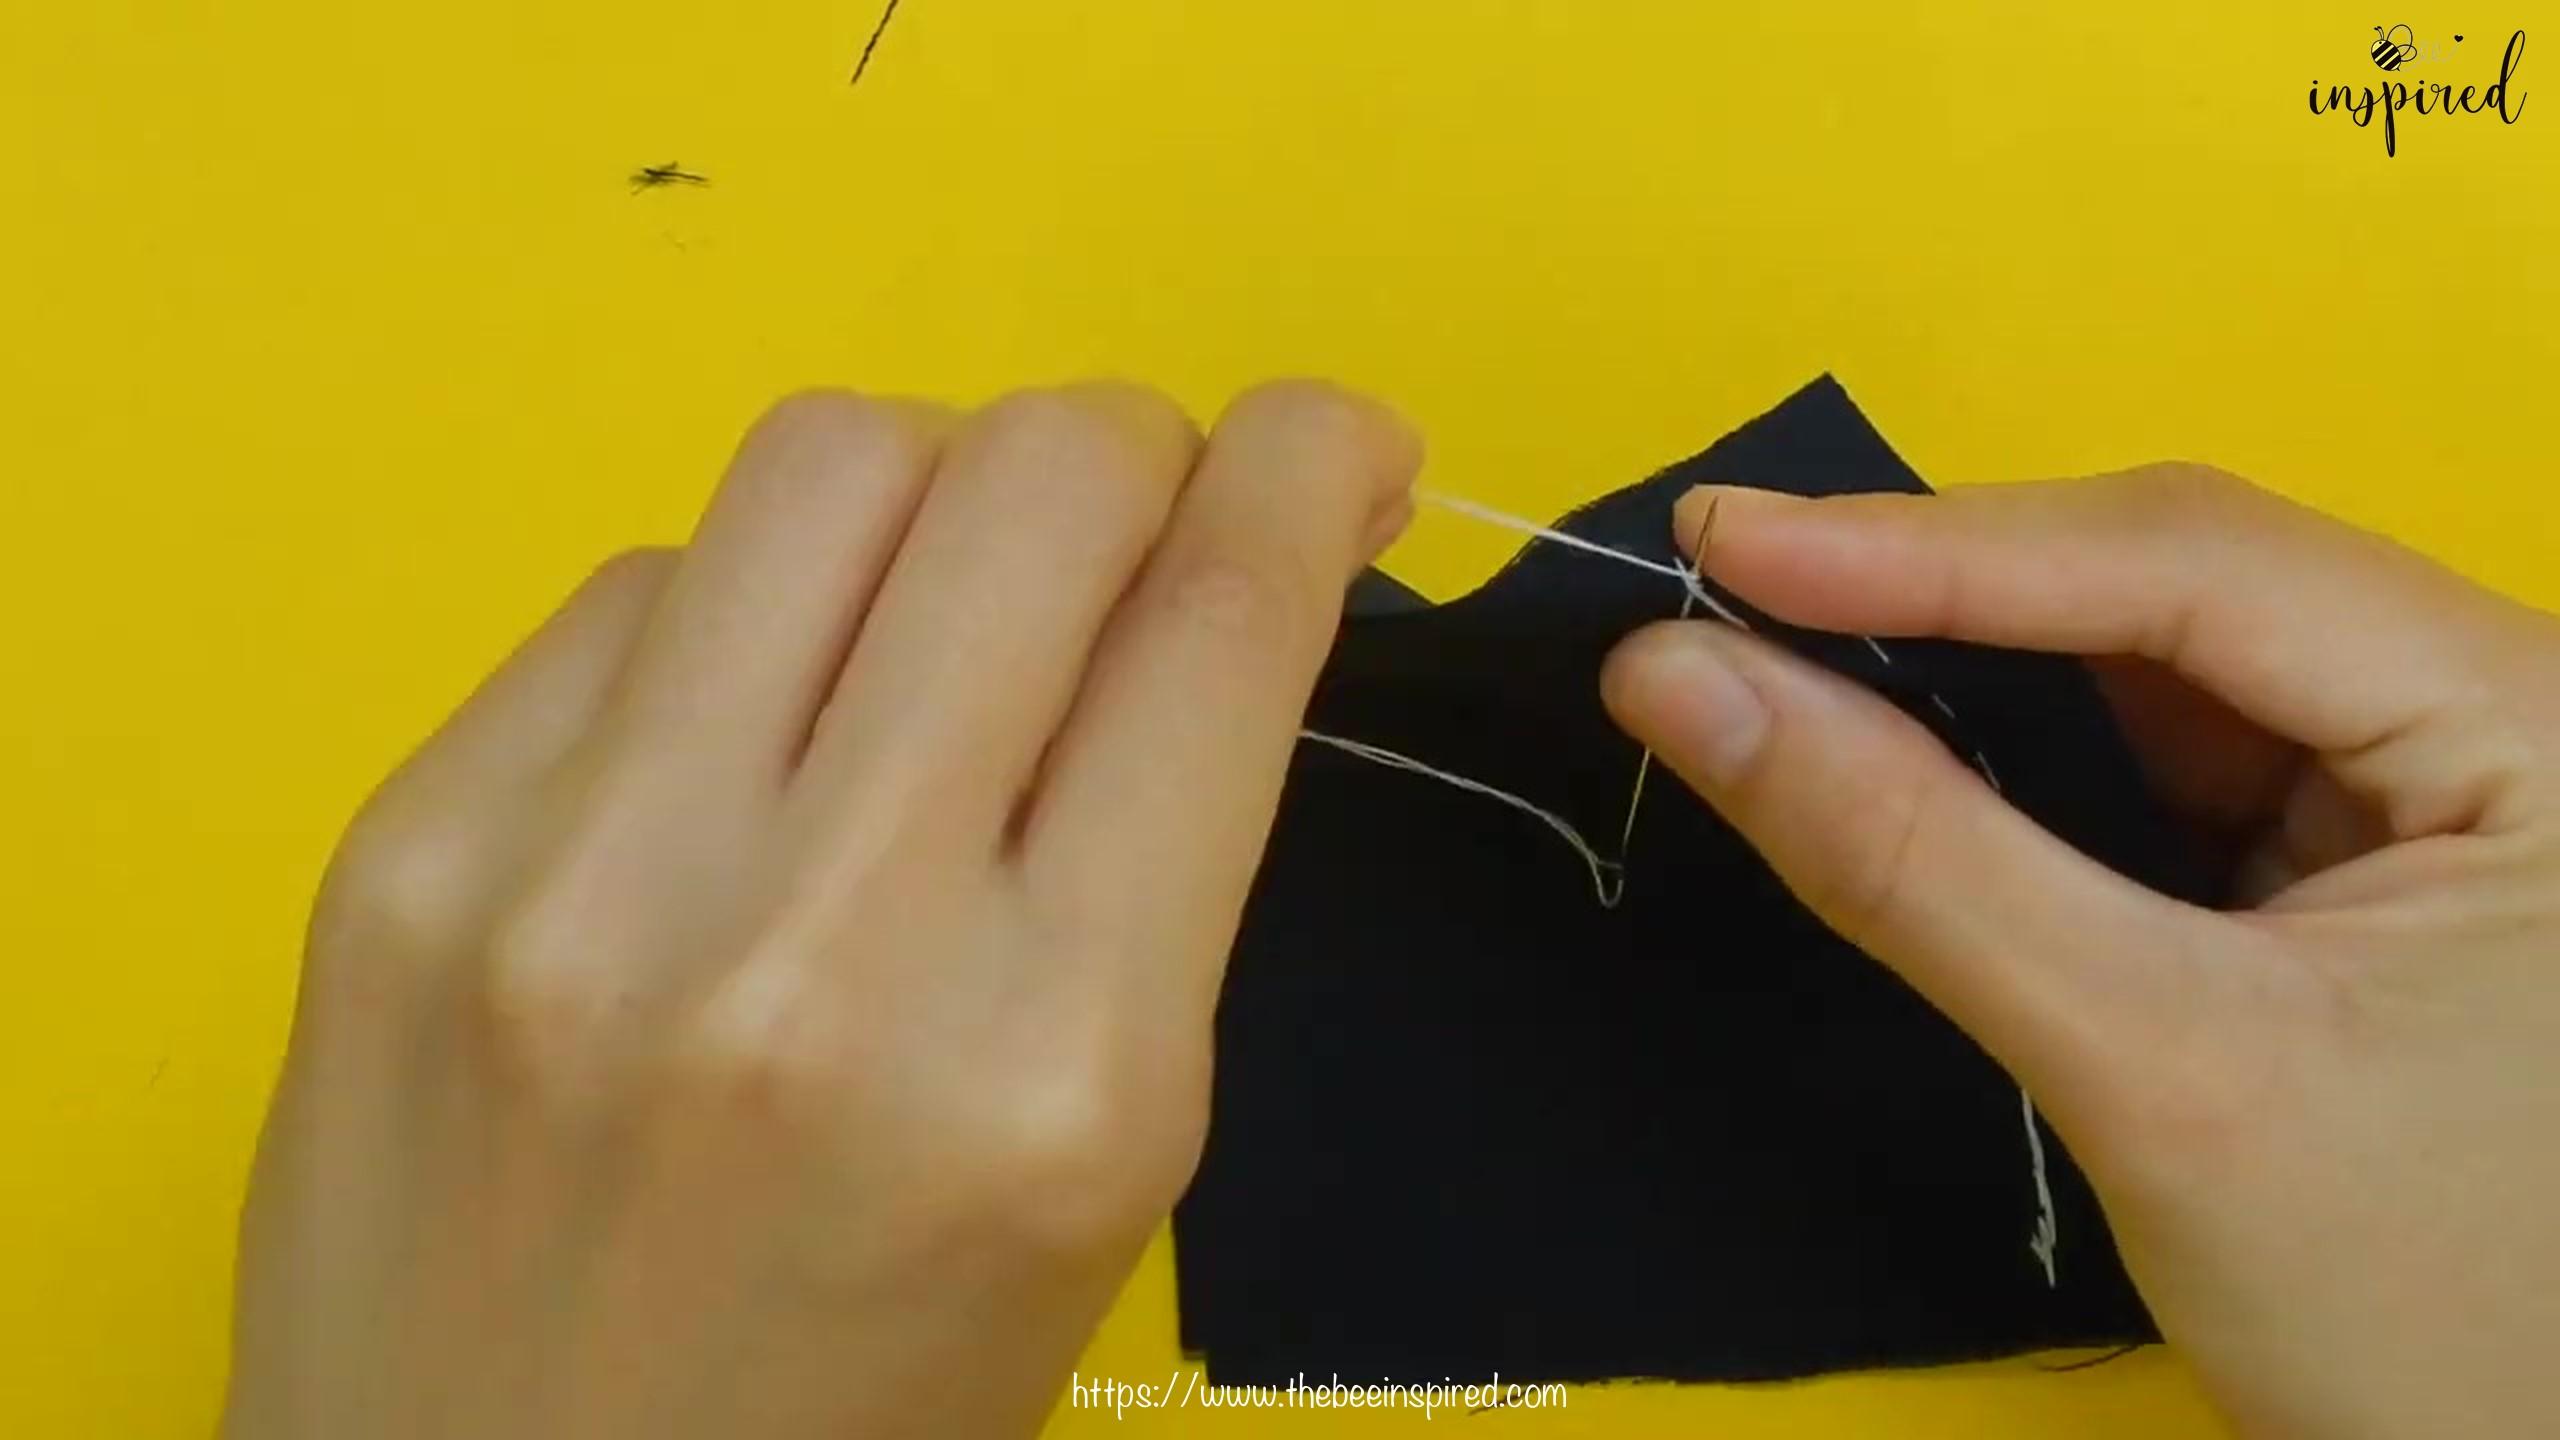 วิธีการเย็บด้นถอยหลัง (How to Sew a Back Stitch)_6